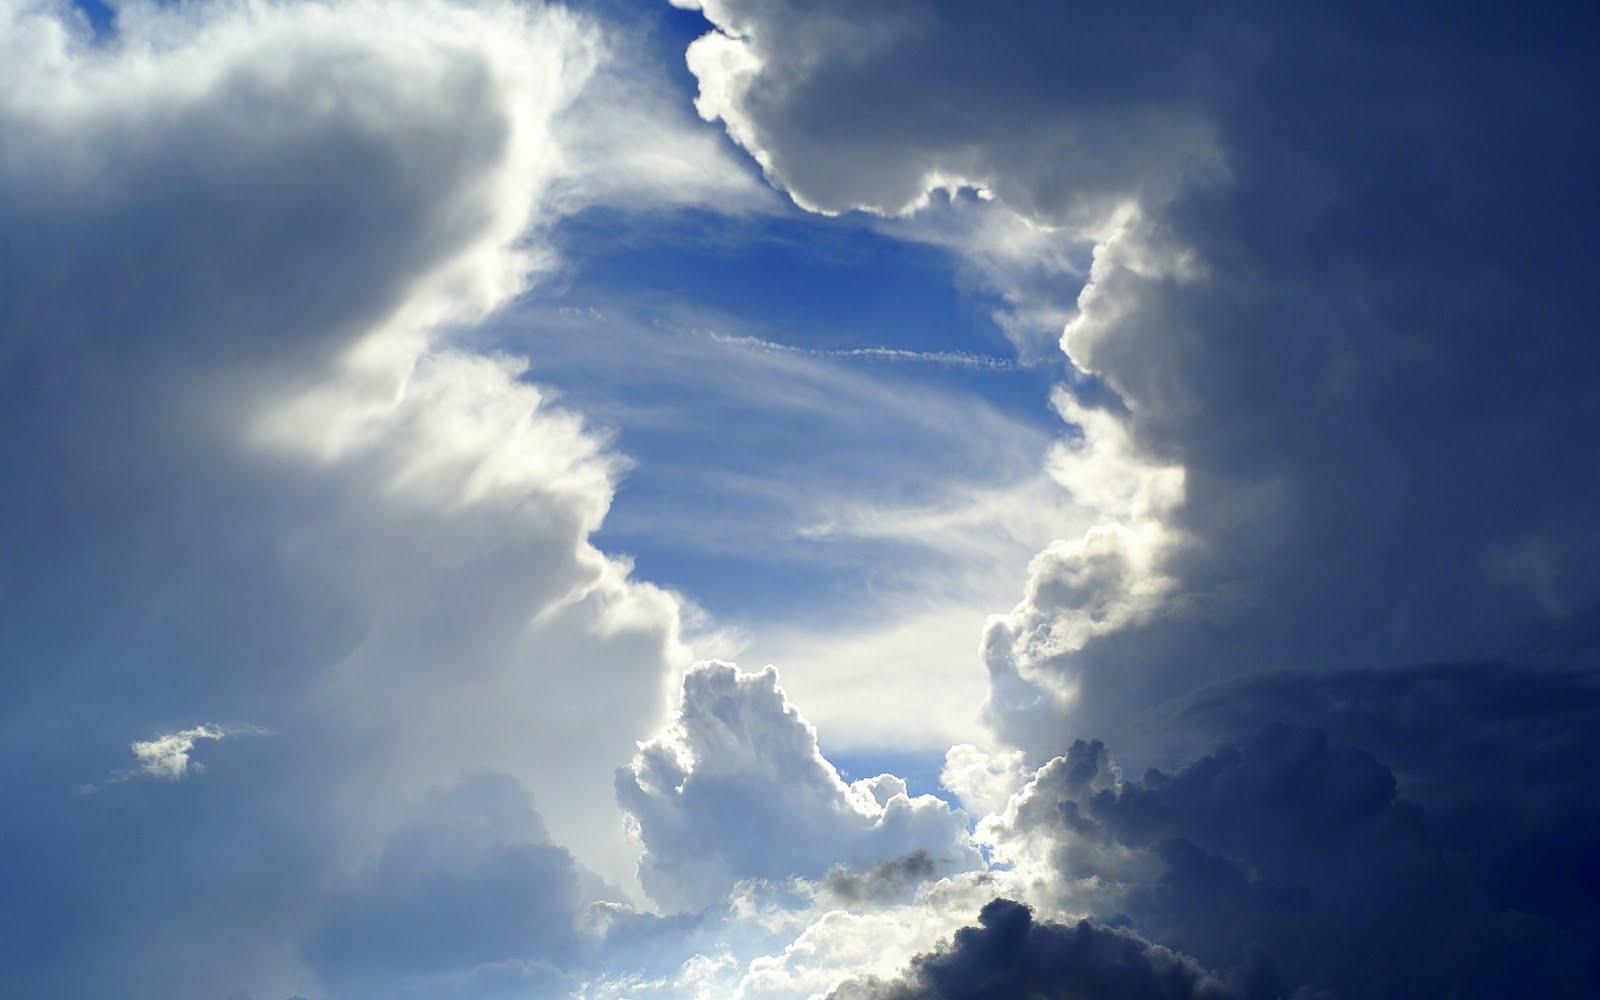 http://4.bp.blogspot.com/-mK-IDLiYmfQ/ThWp38-XtTI/AAAAAAAAFaI/0Zoyyr8M5Kc/s1600/cloudy-sky-with-sun-dispersing-cloudsdsc03863-2.jpg